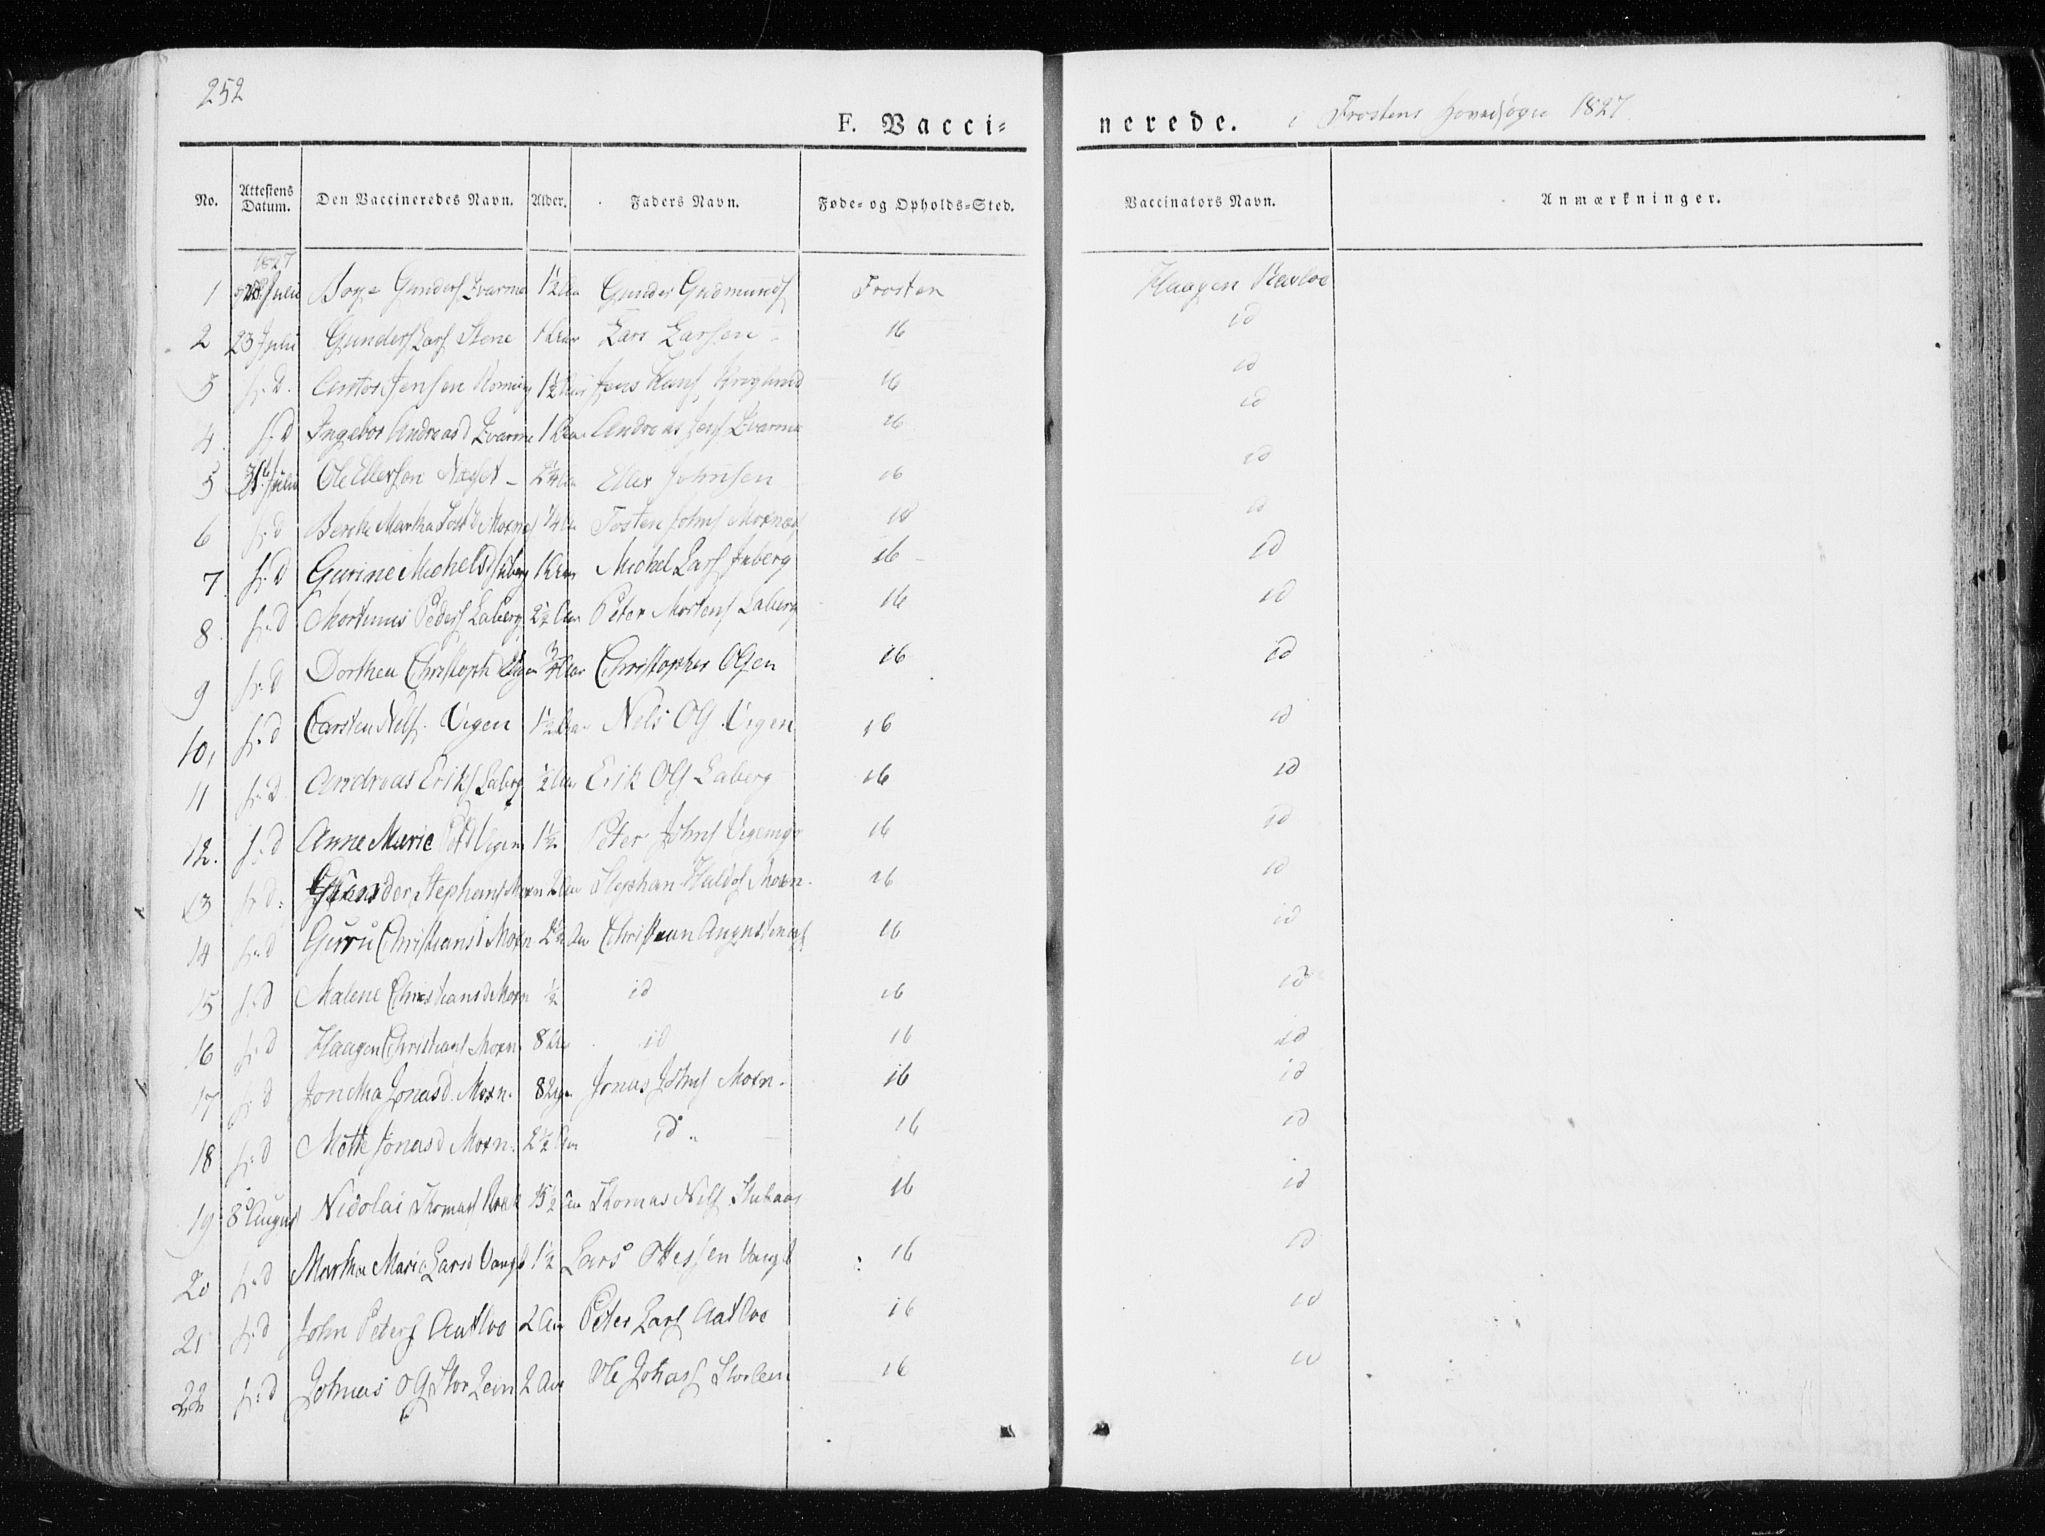 SAT, Ministerialprotokoller, klokkerbøker og fødselsregistre - Nord-Trøndelag, 713/L0114: Ministerialbok nr. 713A05, 1827-1839, s. 252